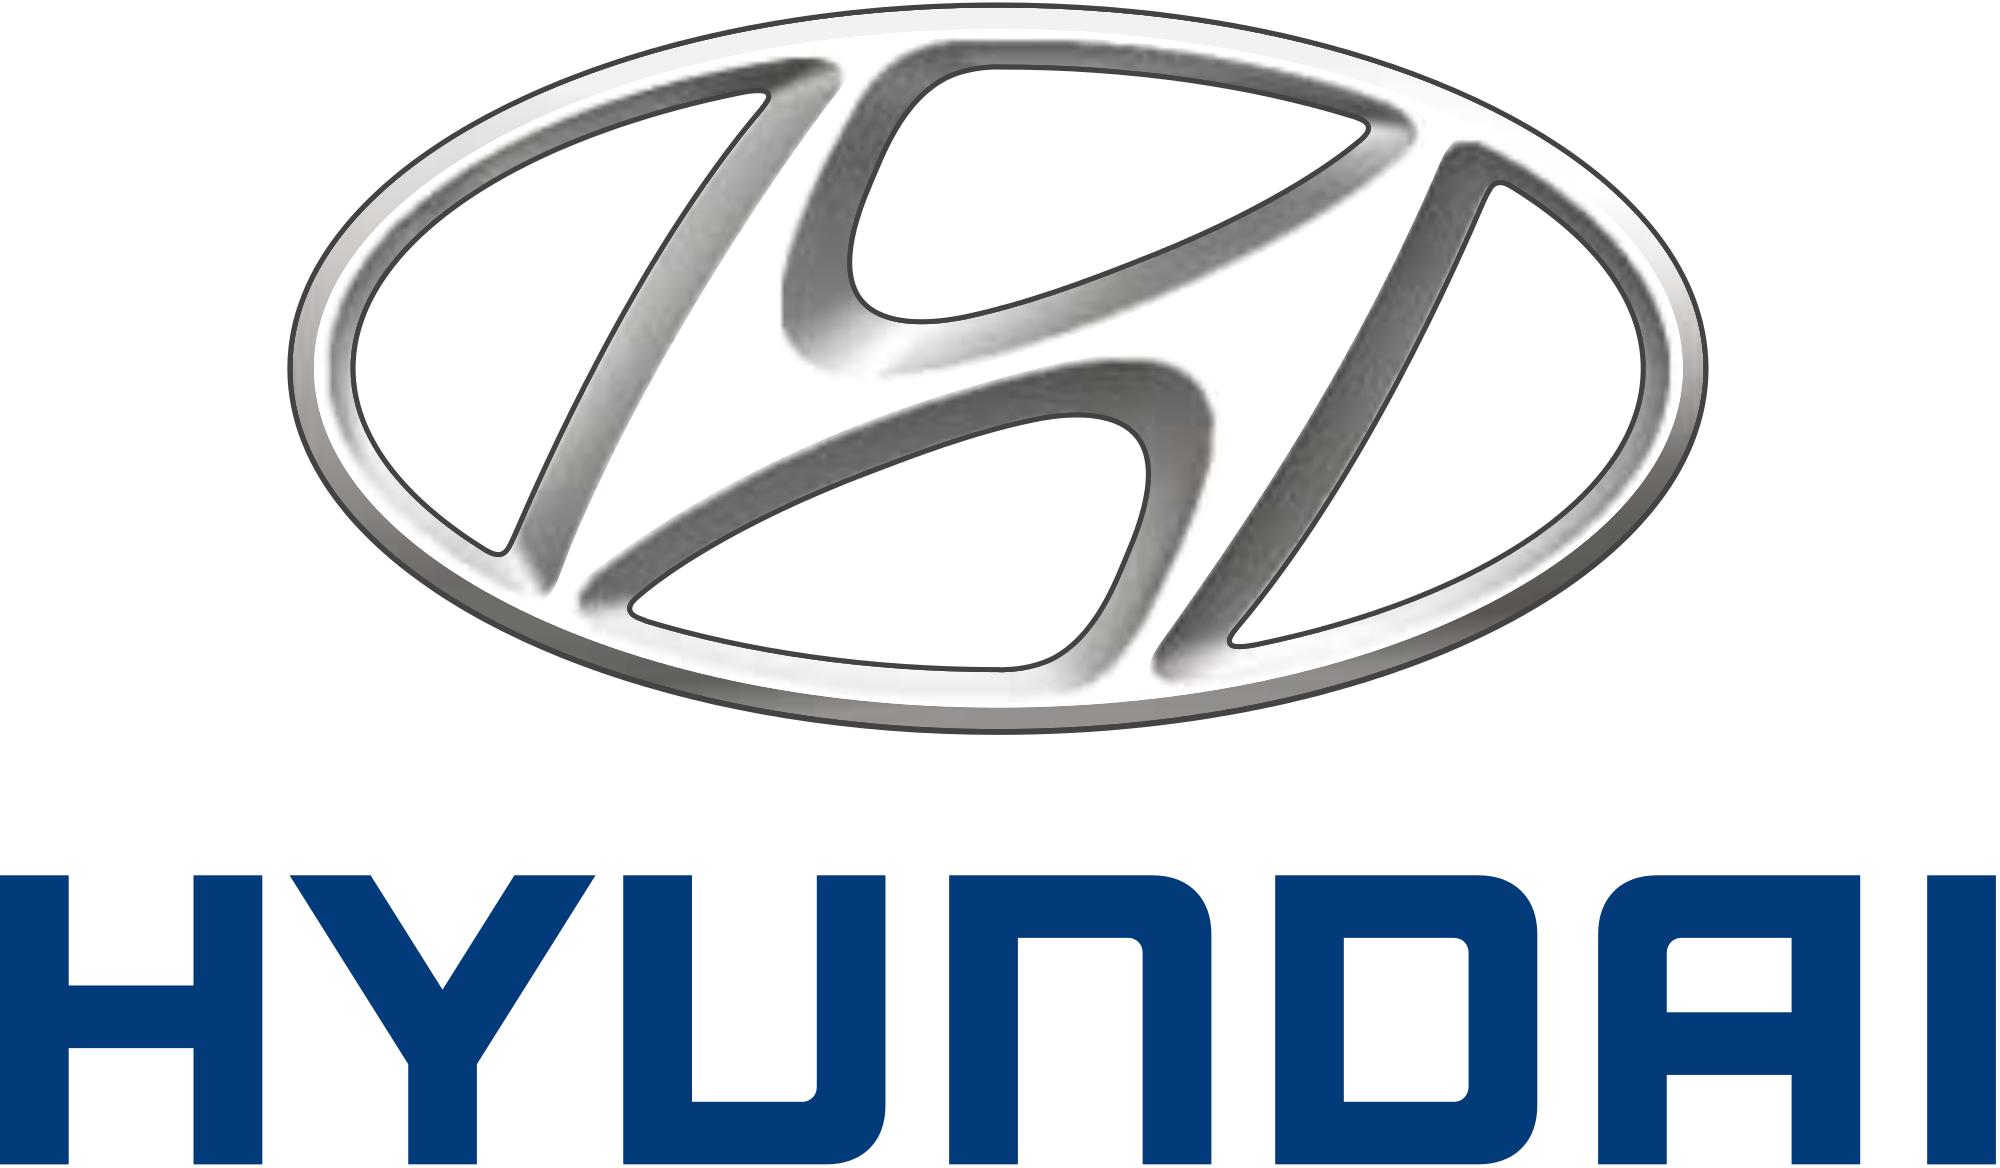 Hyundai-var-83